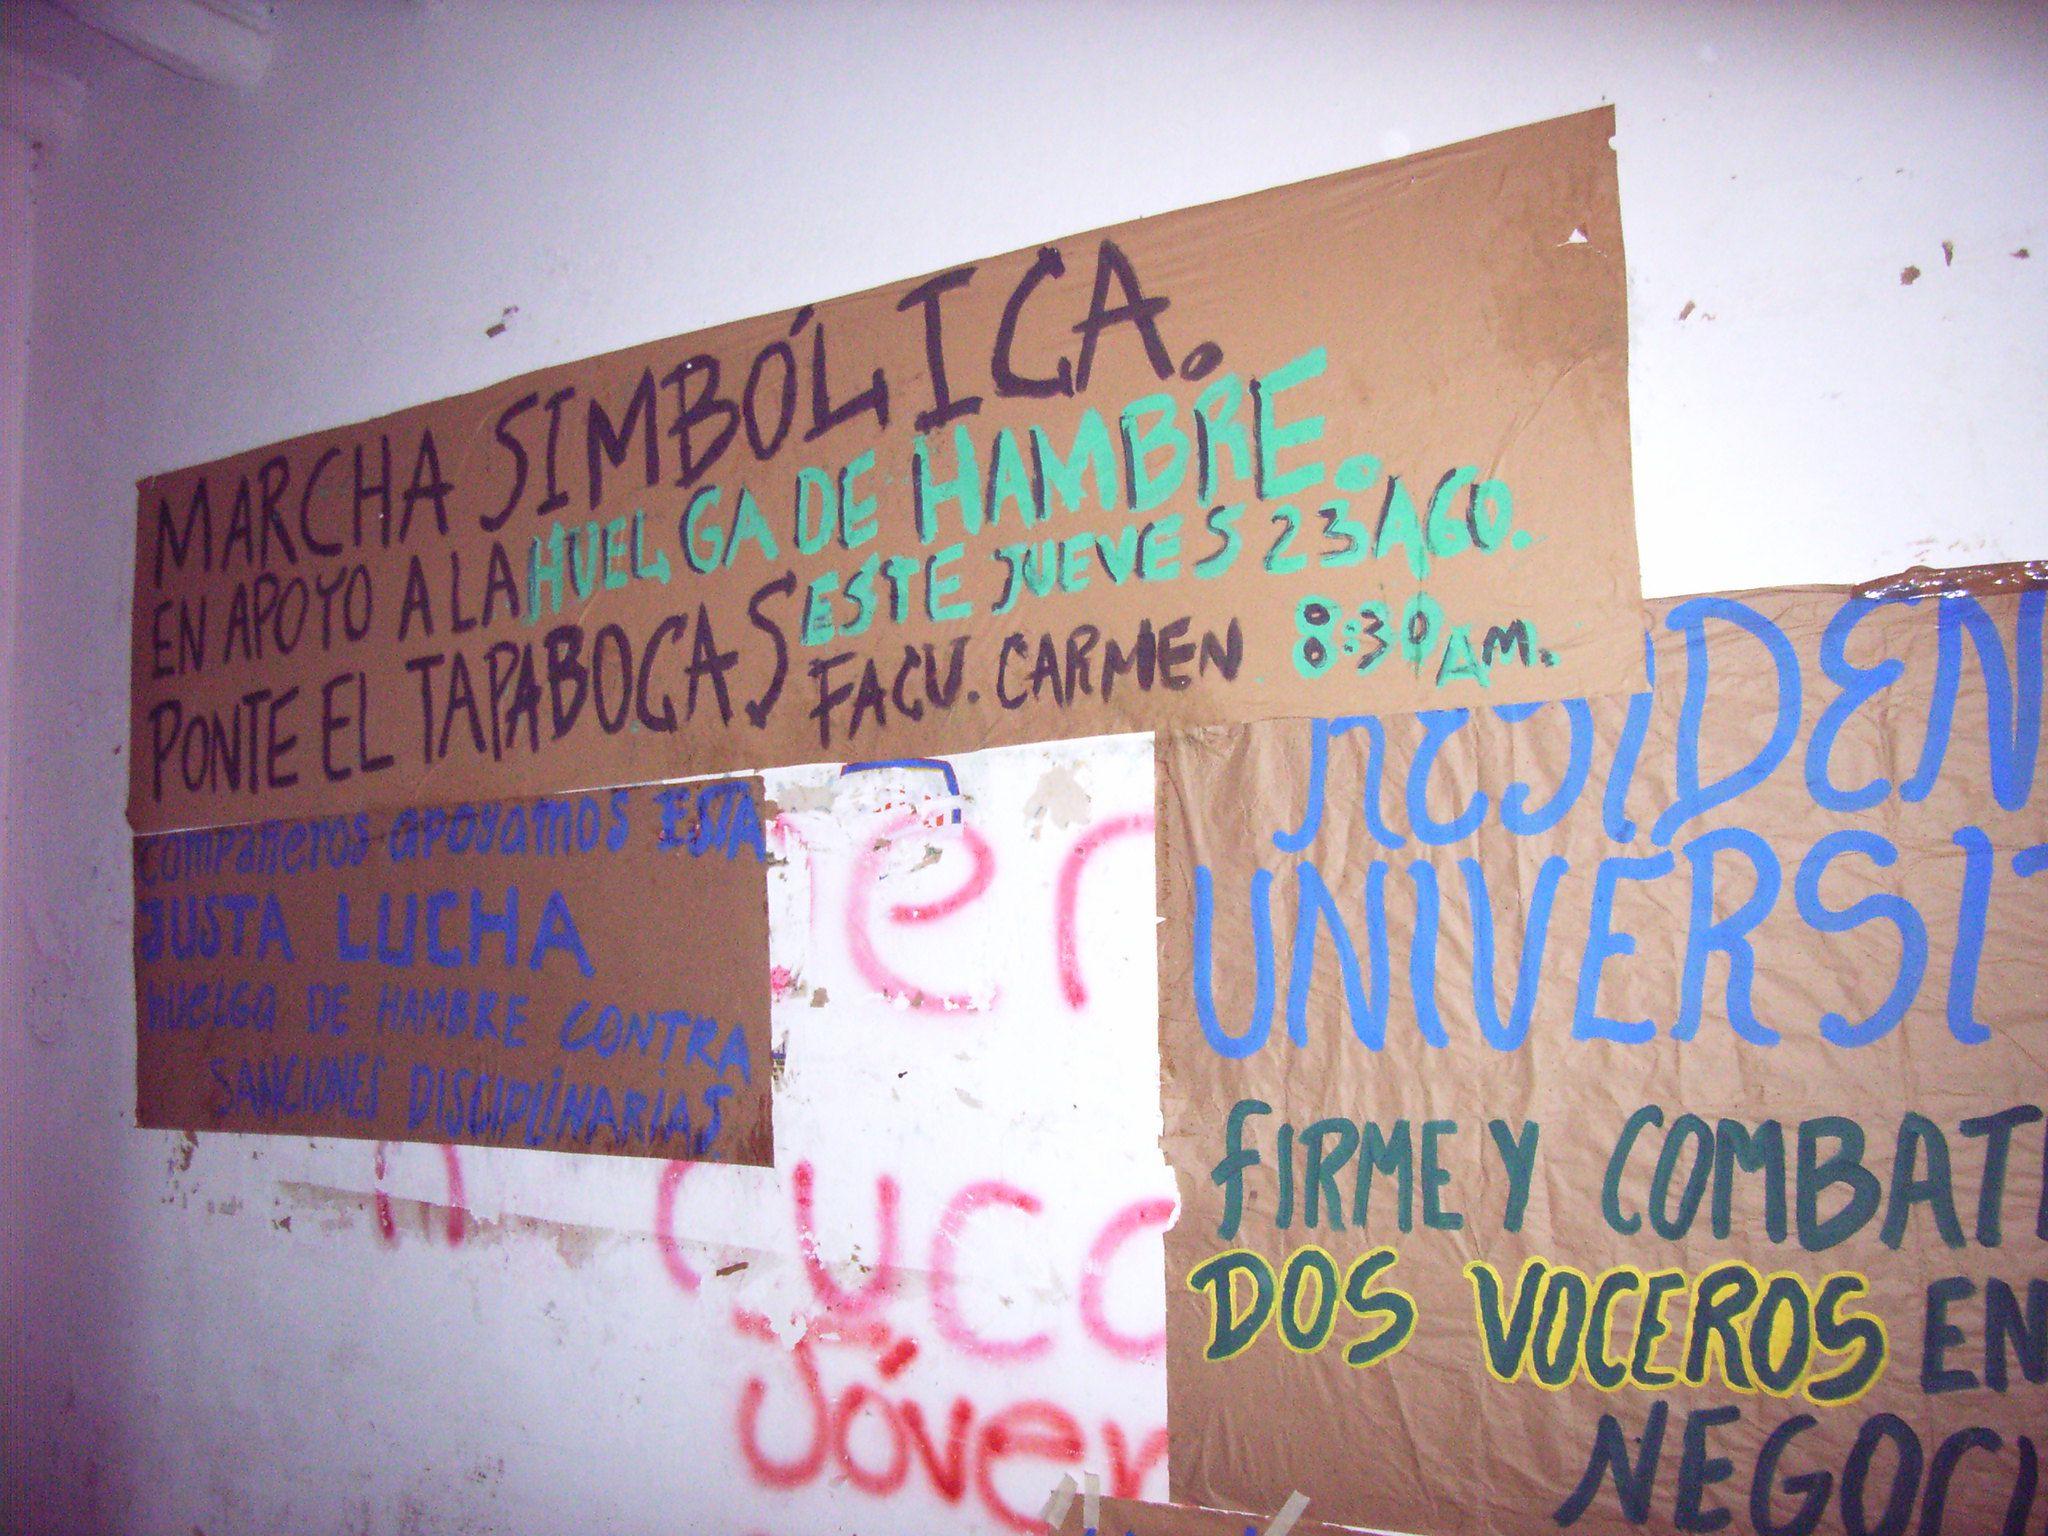 Medienaktivist in Kolumbien erschossen